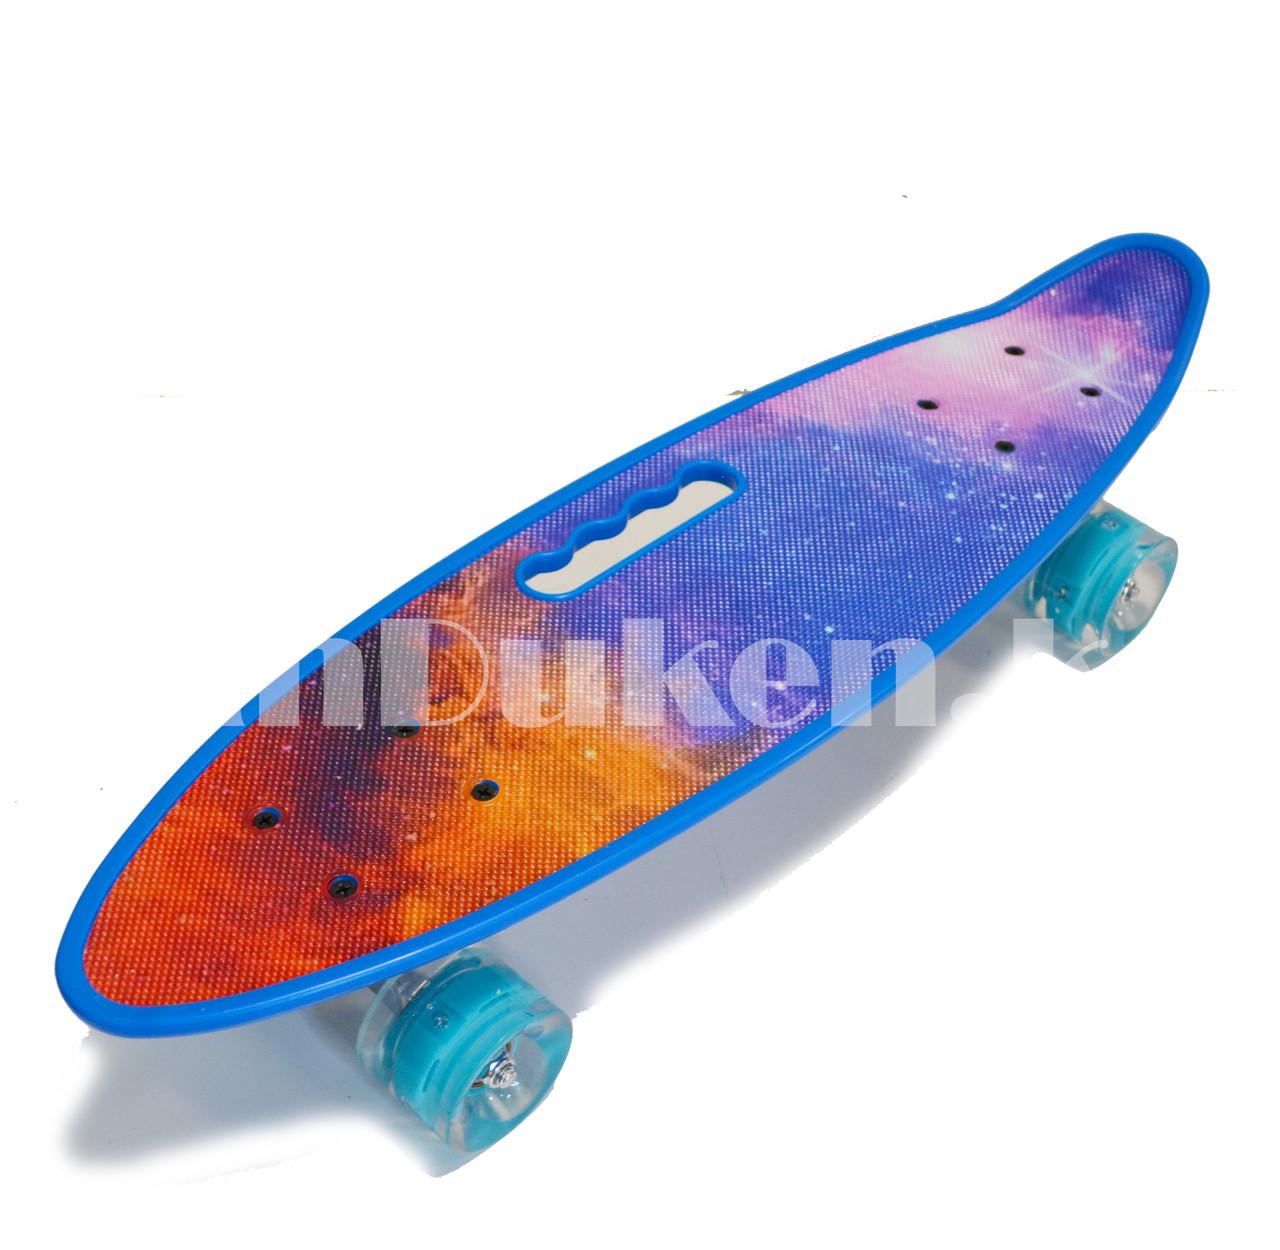 Лонгборд подростковый 59*16 Penny Board с ручкой и со светящимися колесами (пенни борд) Космос - фото 5